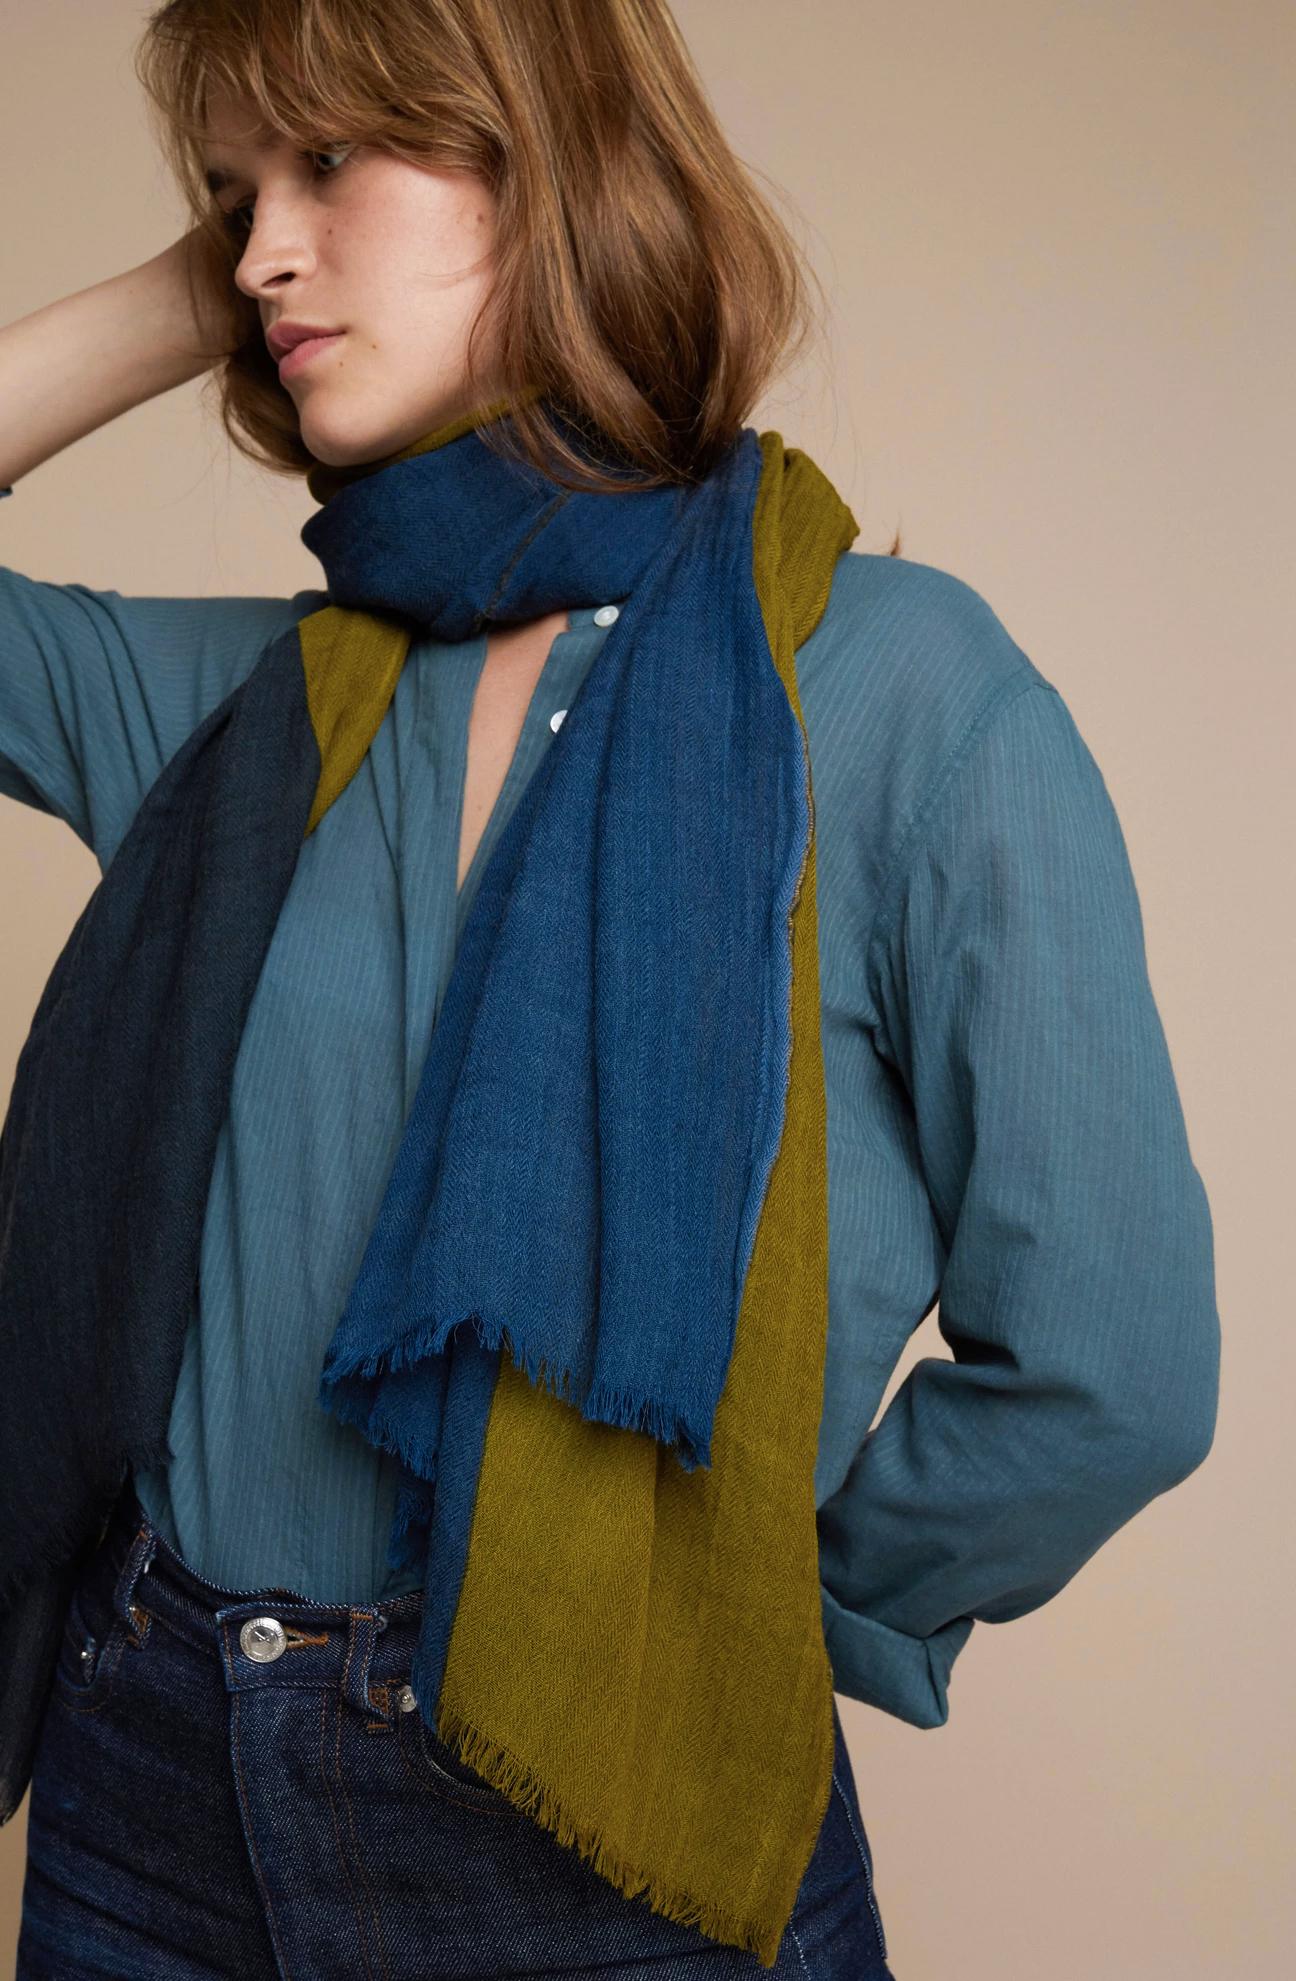 奥行きのある色と柄を、100%ウールで、軽い。首まわりをふんわり温かく包んでくれて、肌触りもうんと柔らかい「ストール・マフラー」|MOISMONT(モワモン)